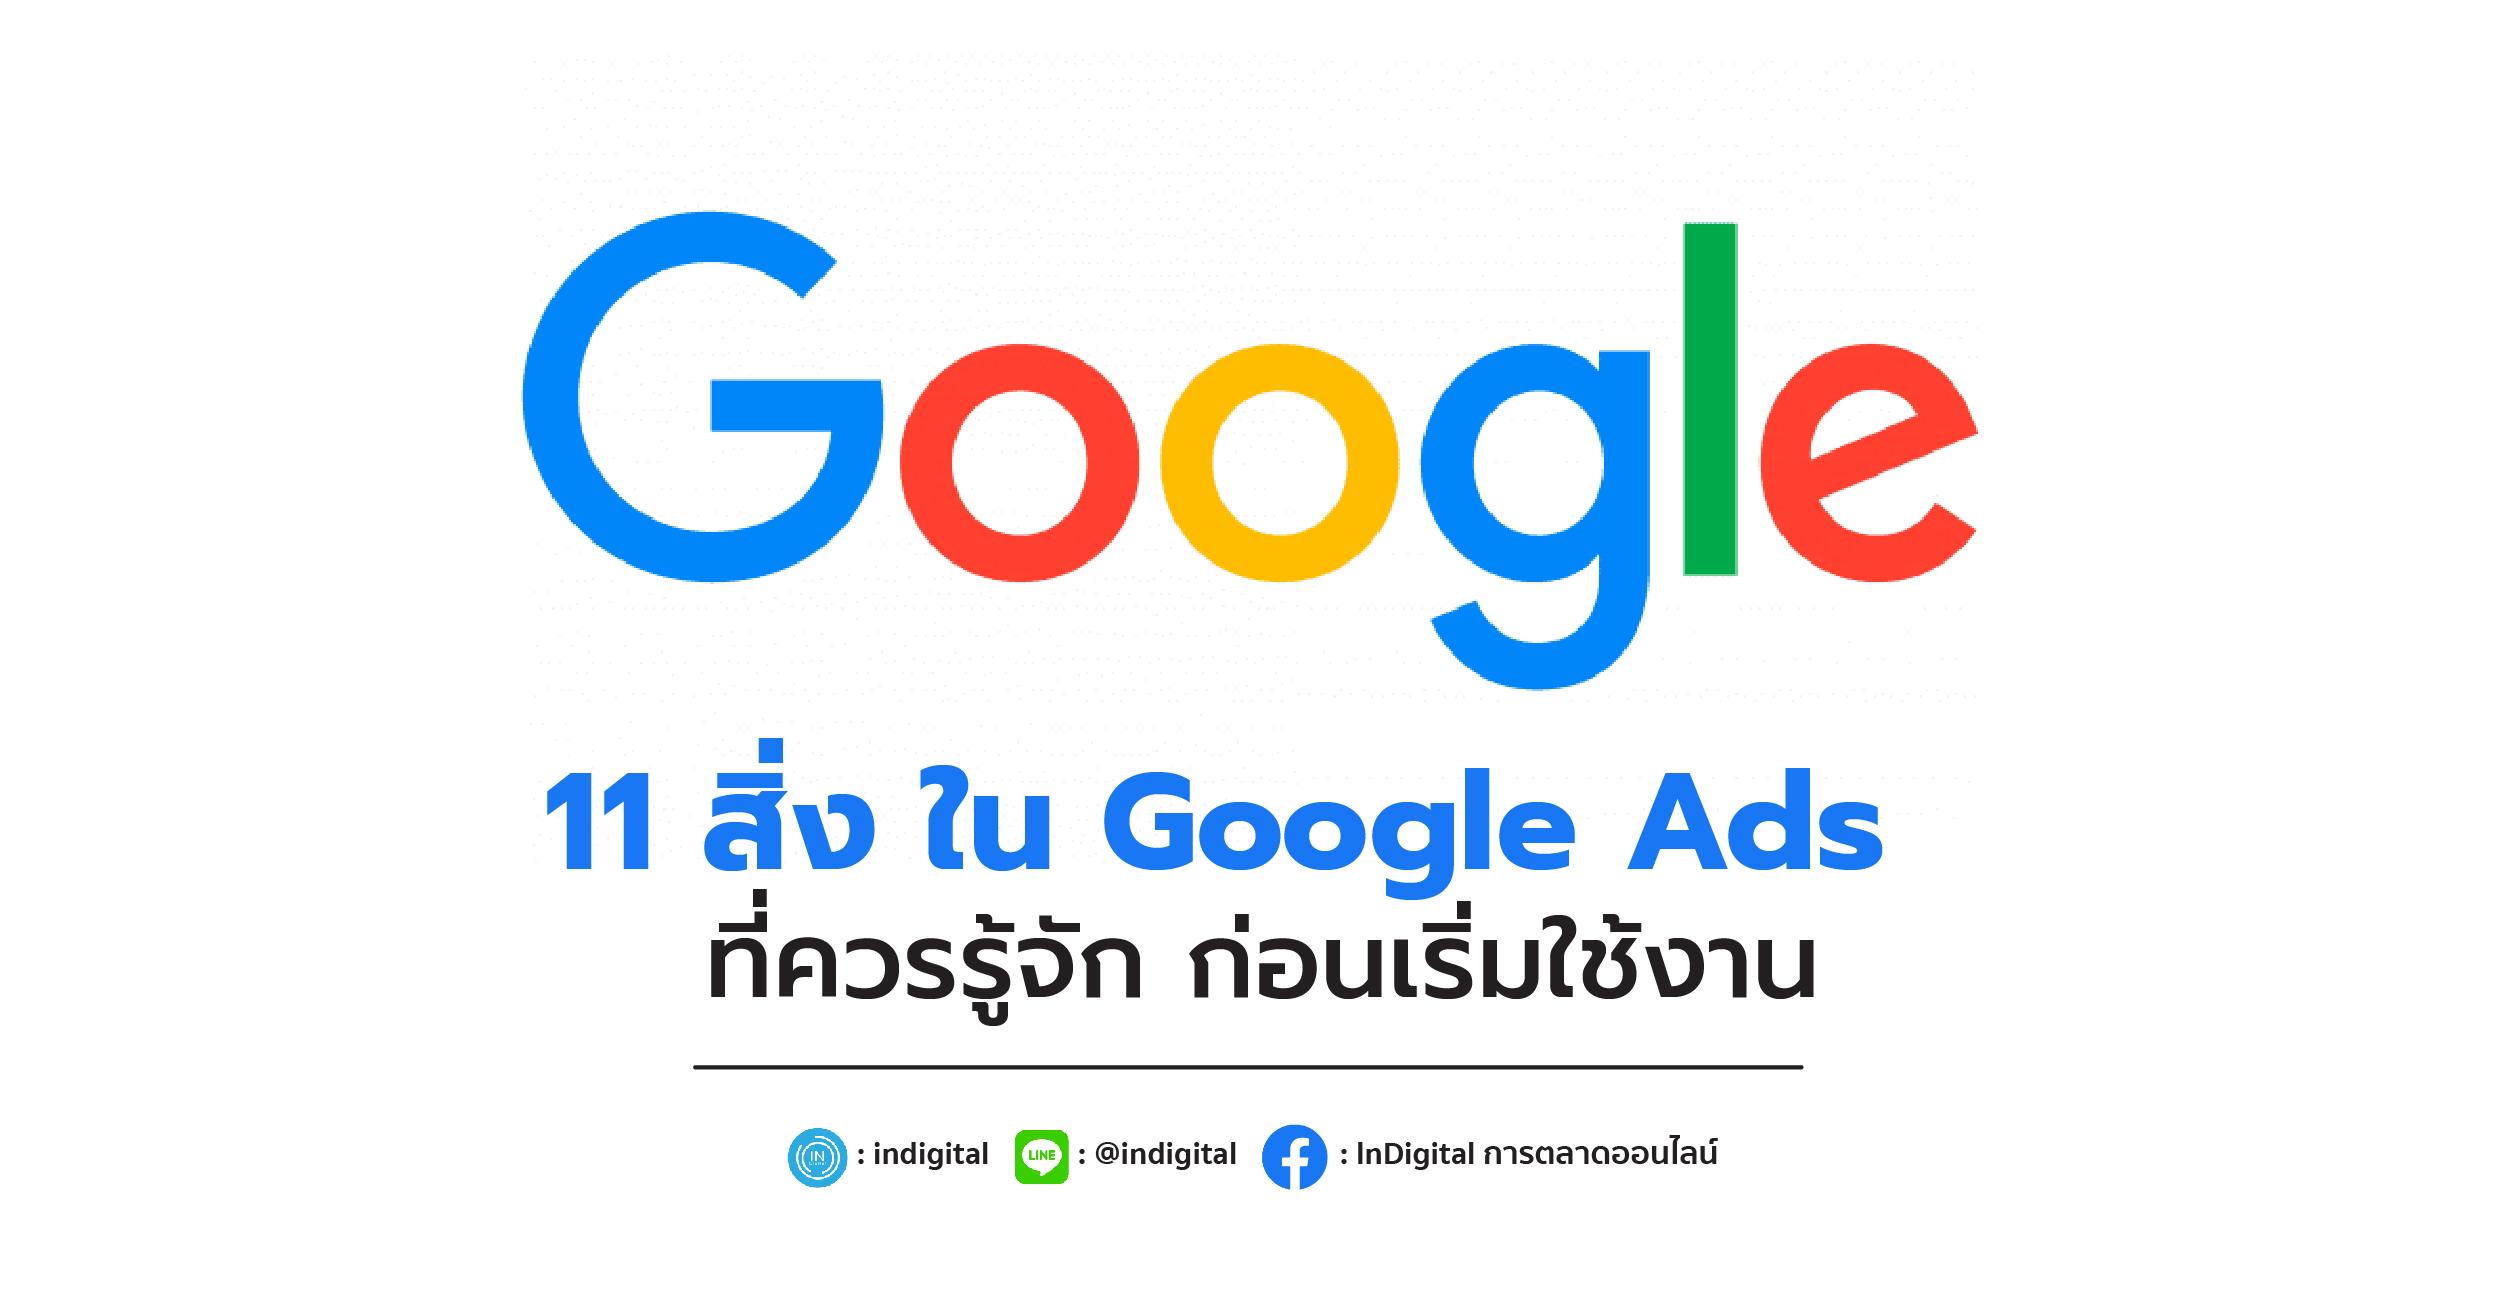 11 สิ่ง ใน Google Ads ควรรู้จัก ก่อนเริ่มใช้งาน